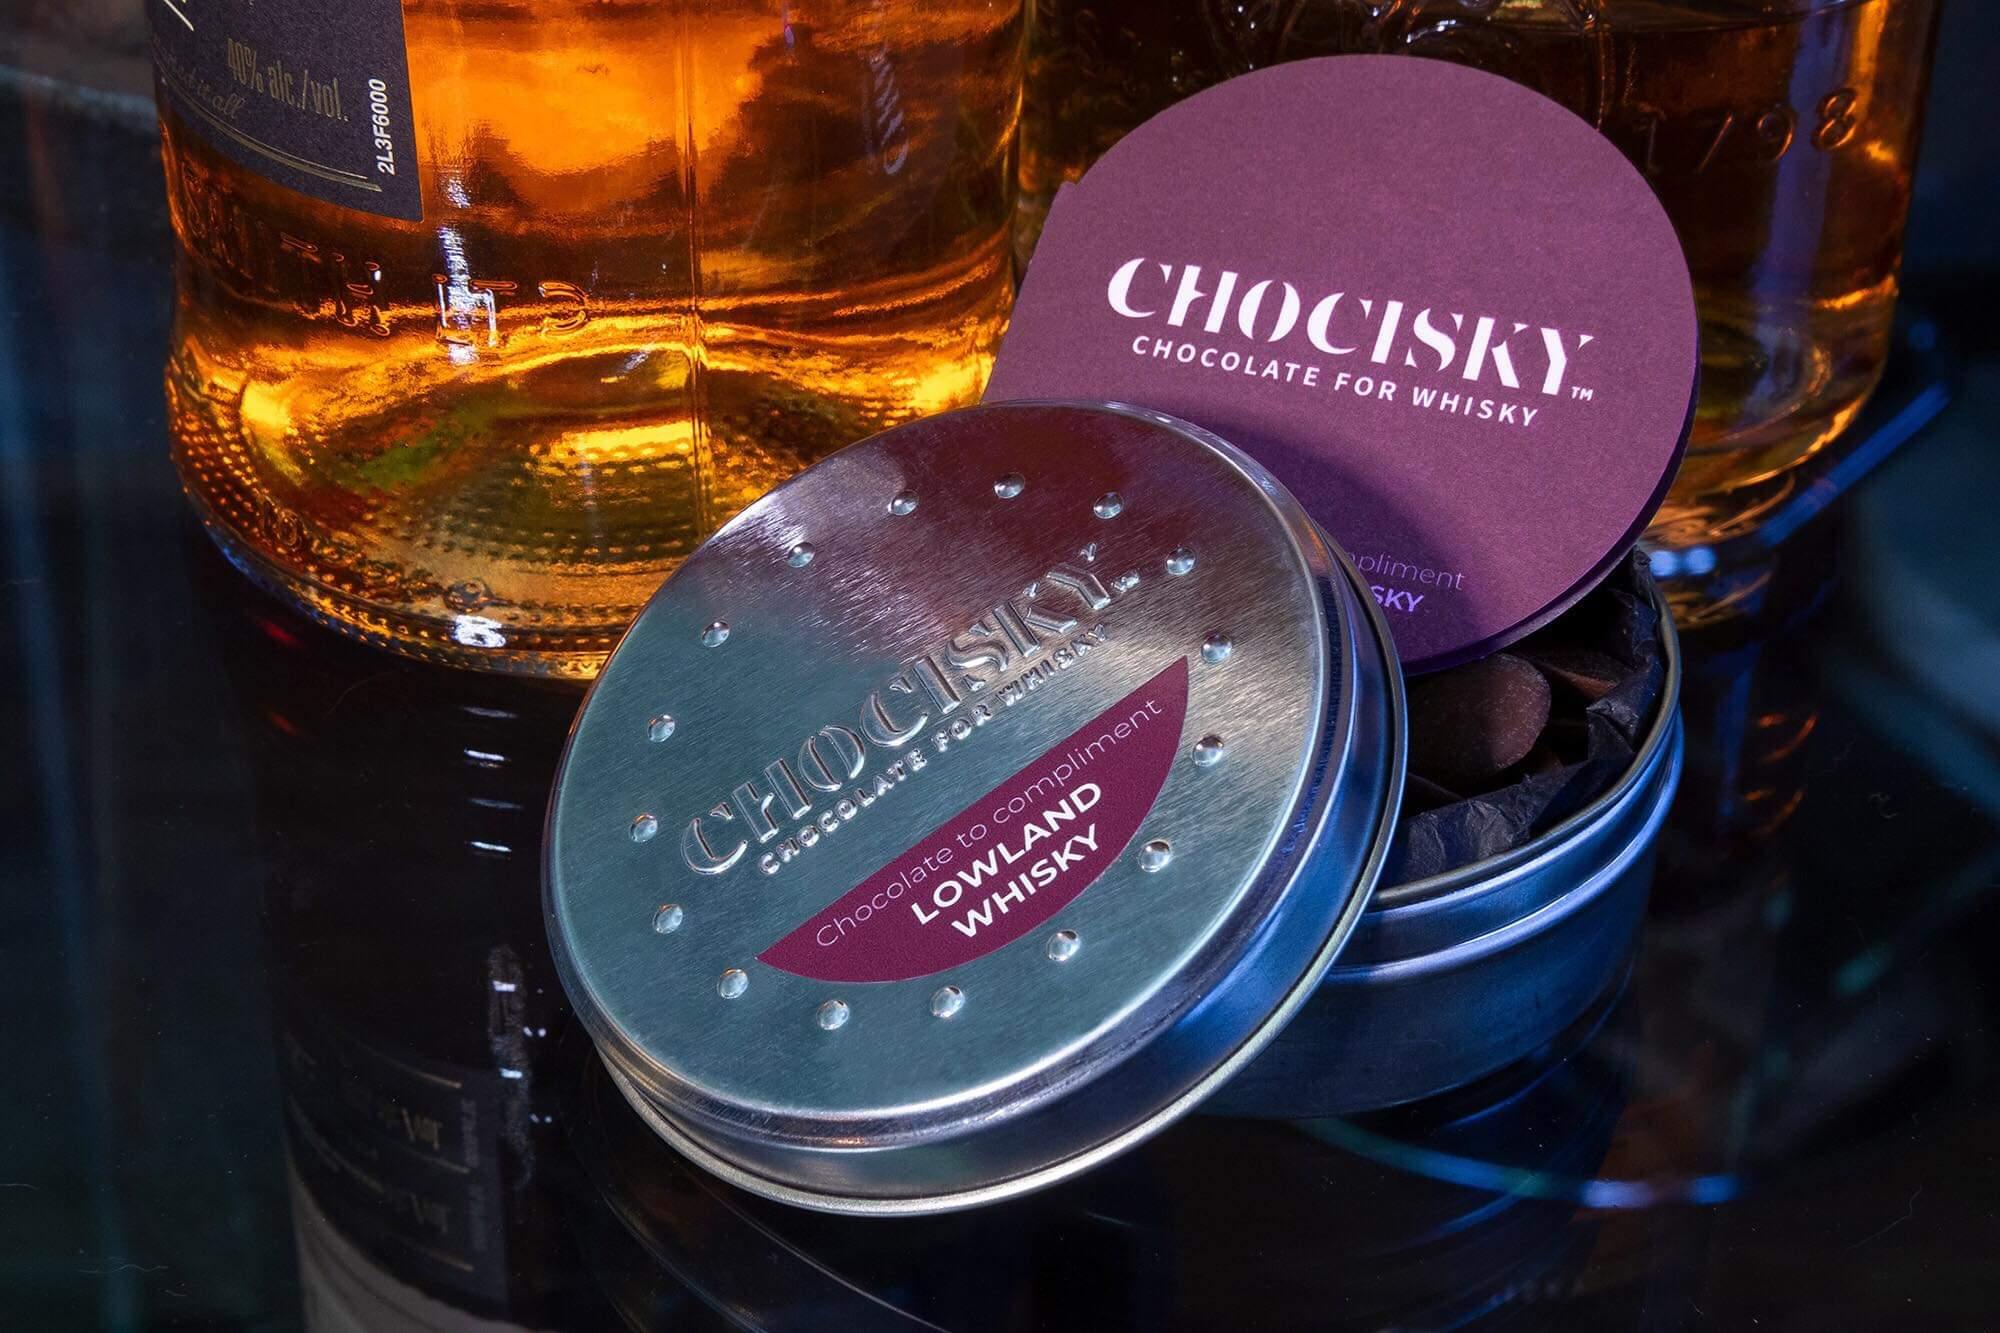 Chocisky - Speyside